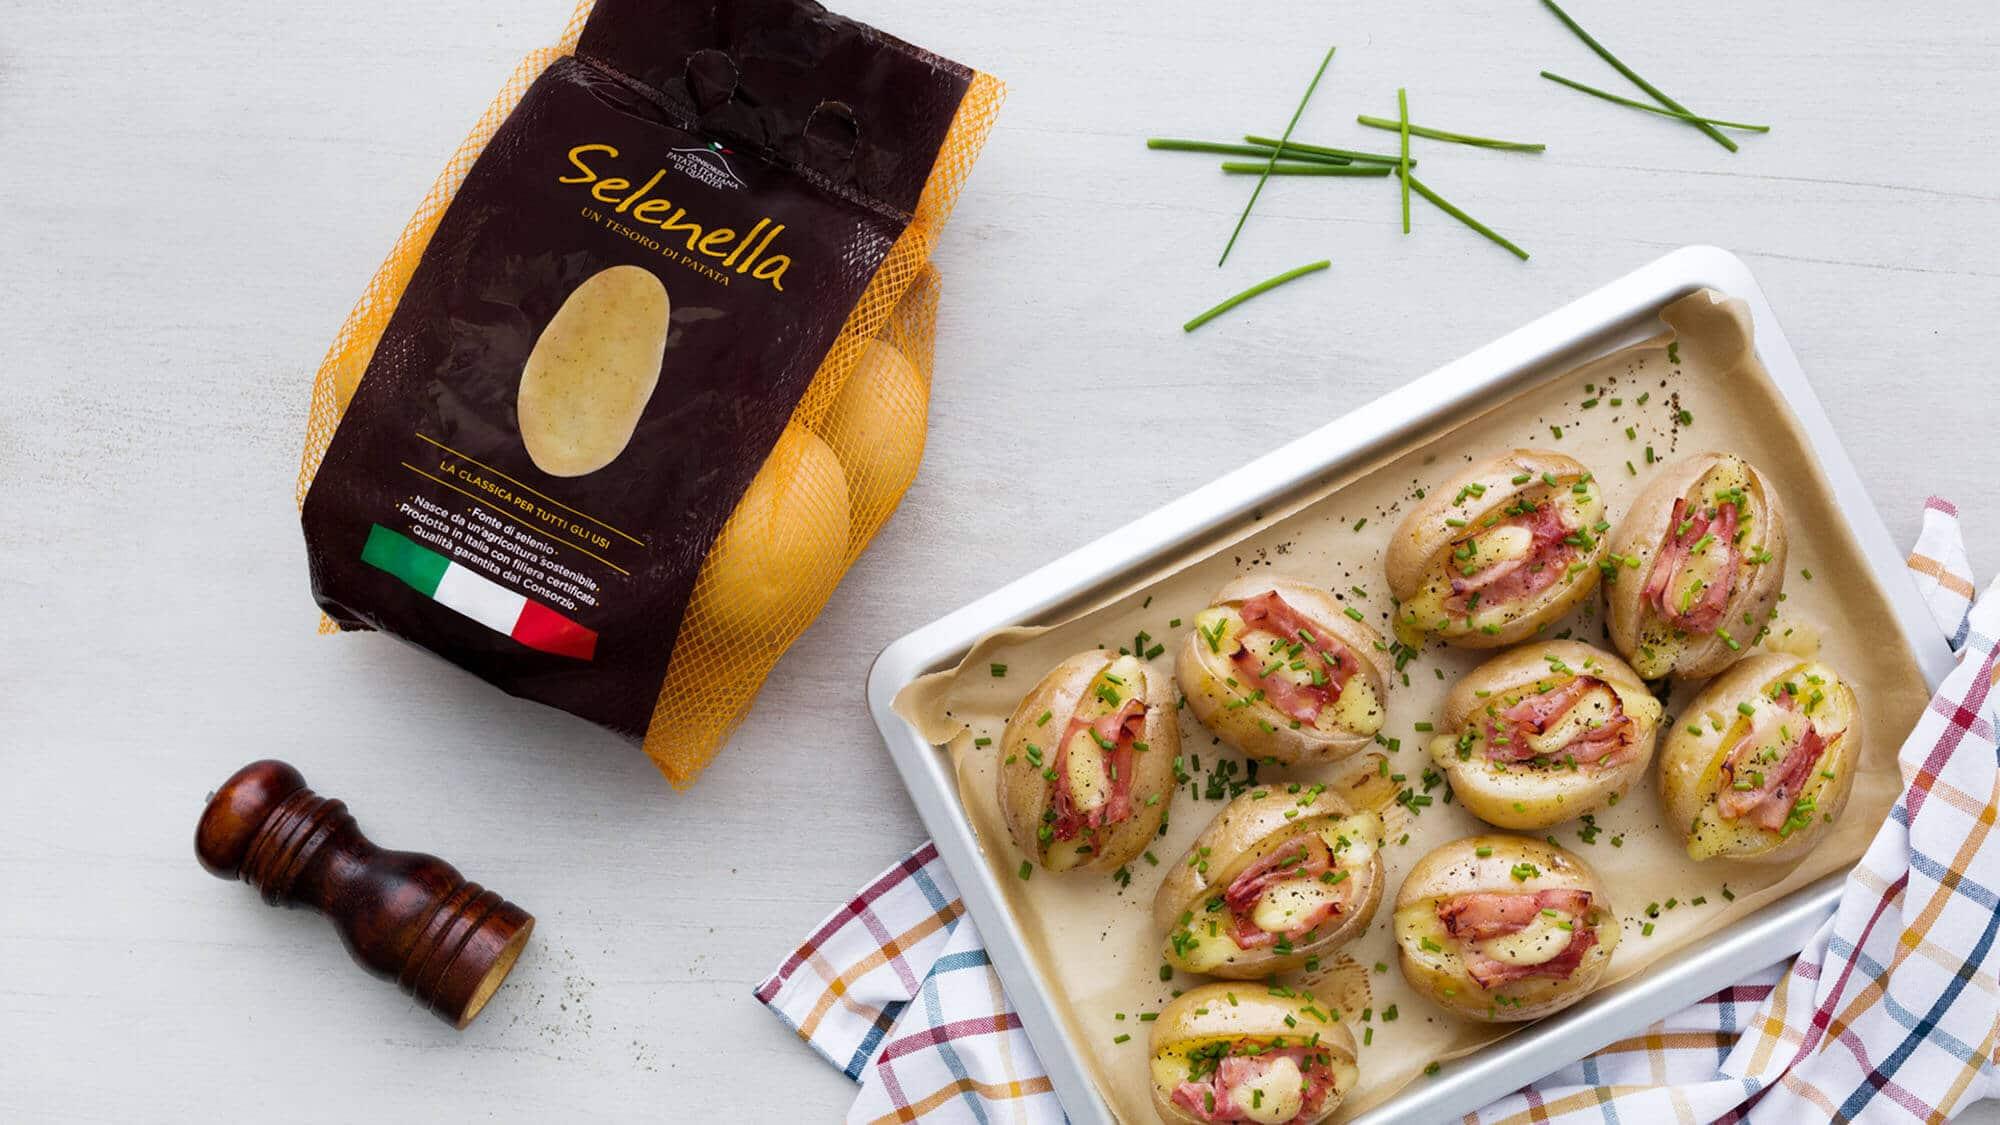 Patata al forno ripiena con prosciutto e fontina - Ricette Selenella